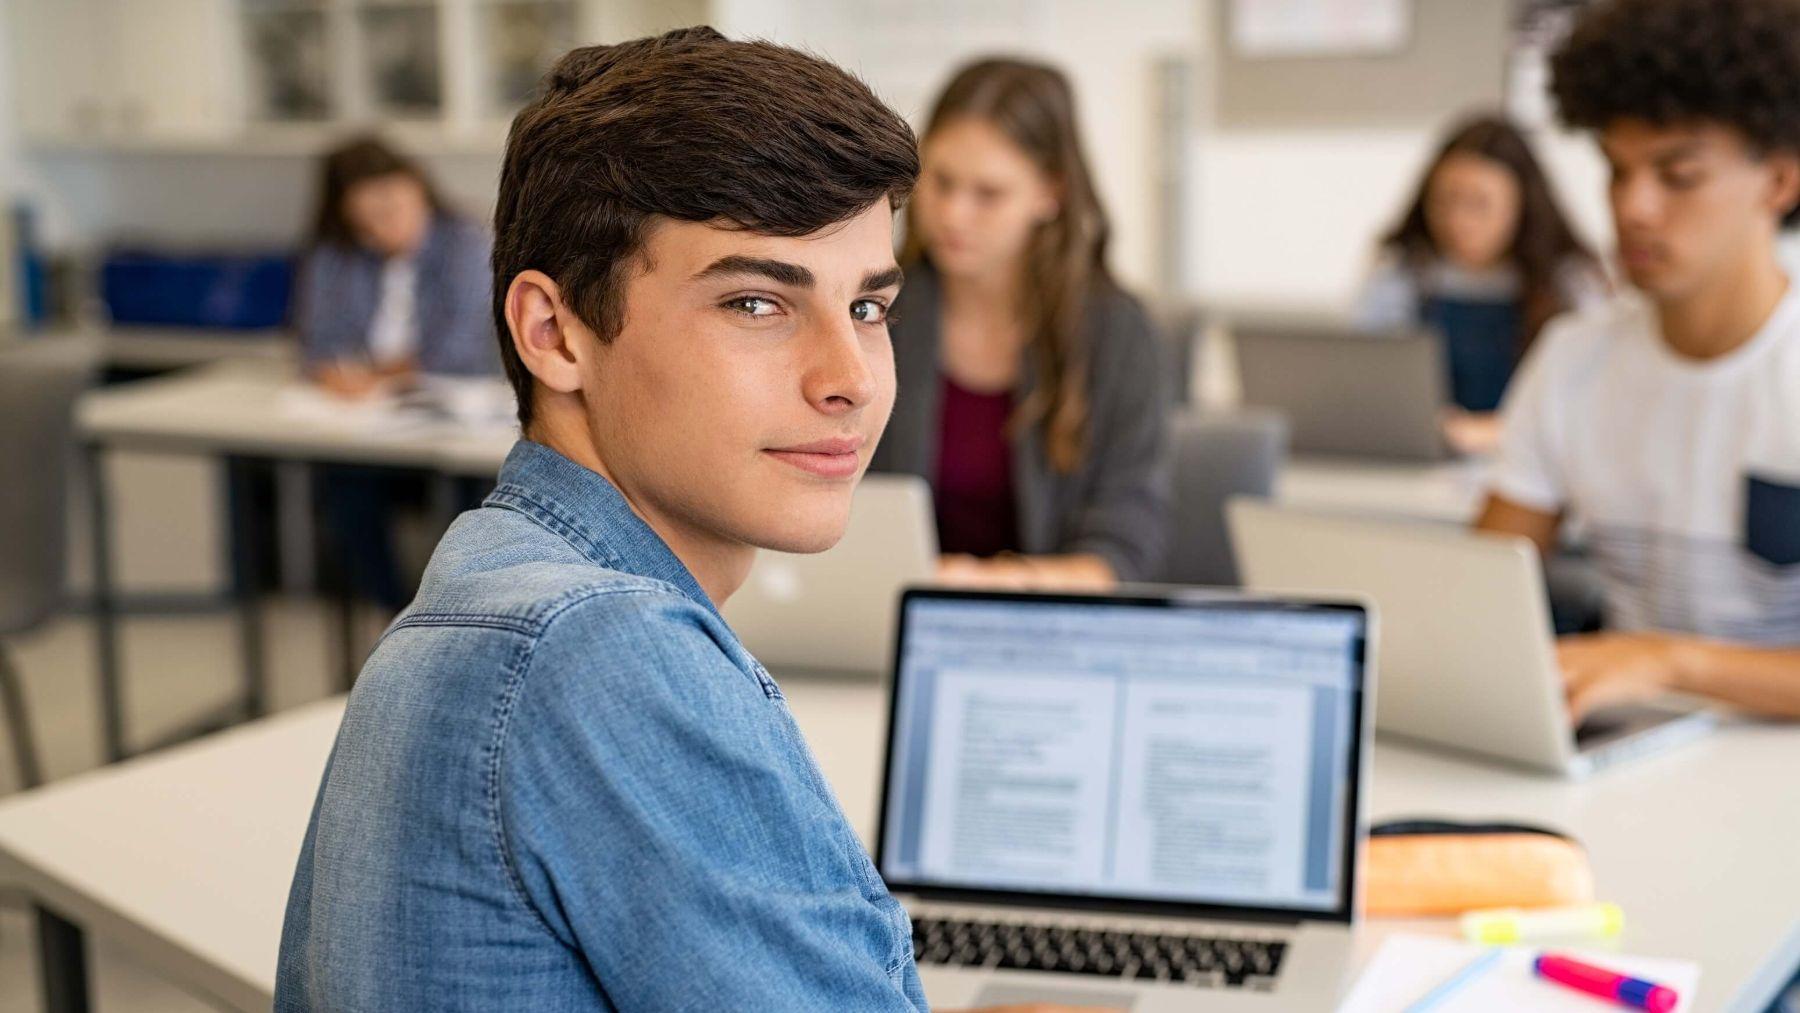 Descubre los consejos para estudiantes lejos de casa